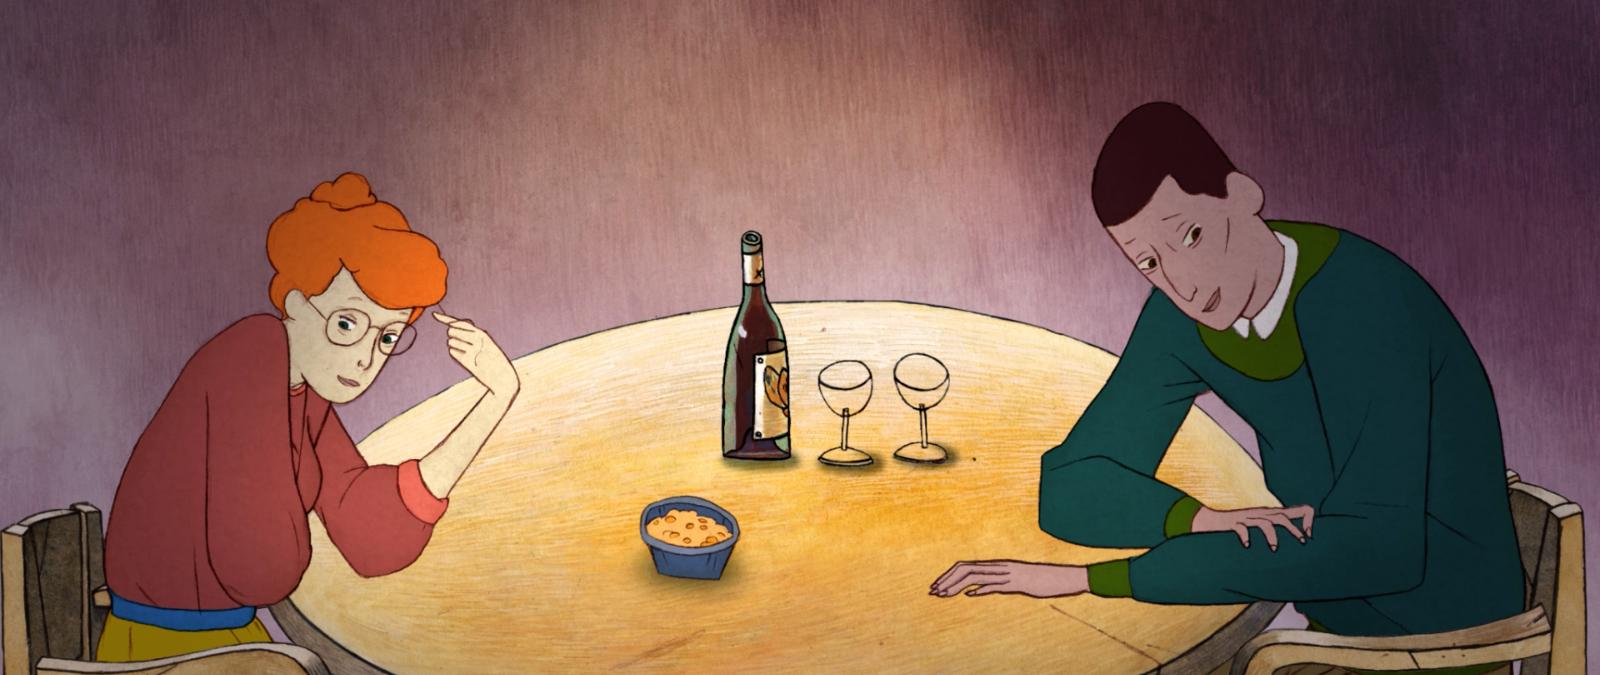 Court métrage Le sens du toucher de Jean-Charles Mbotti Malolo (2014)